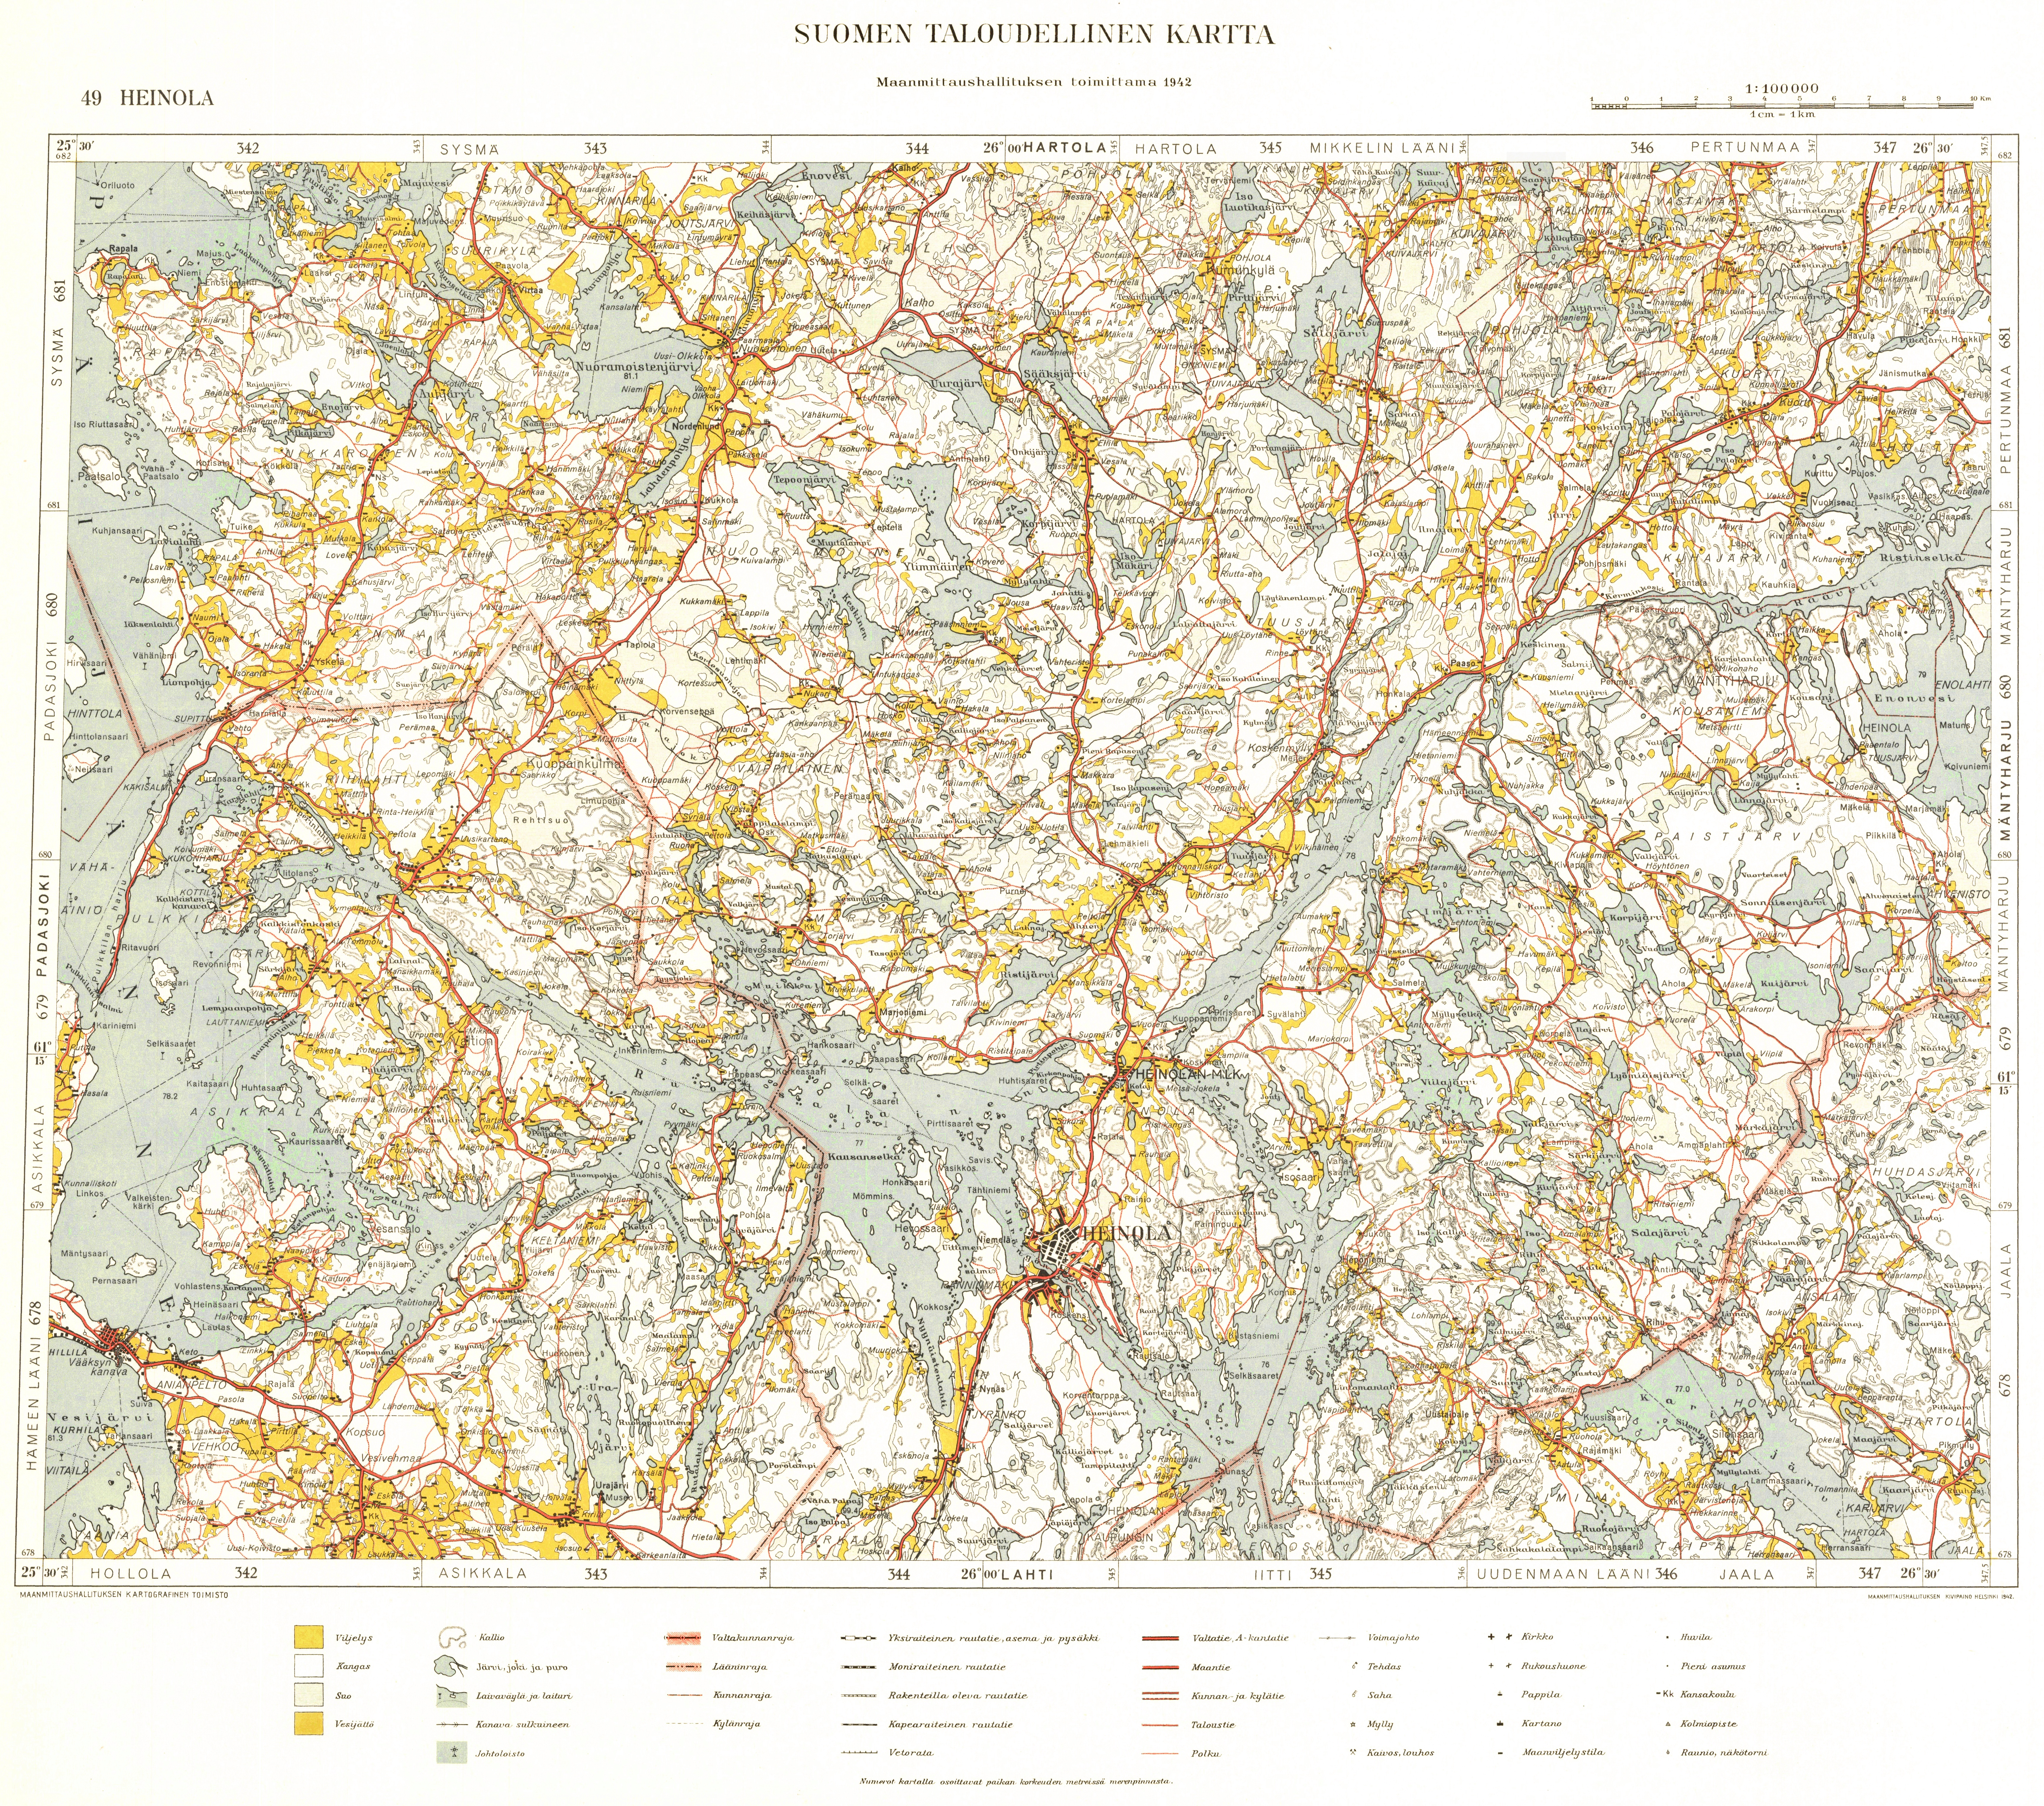 Taloudelliset Kartat Html